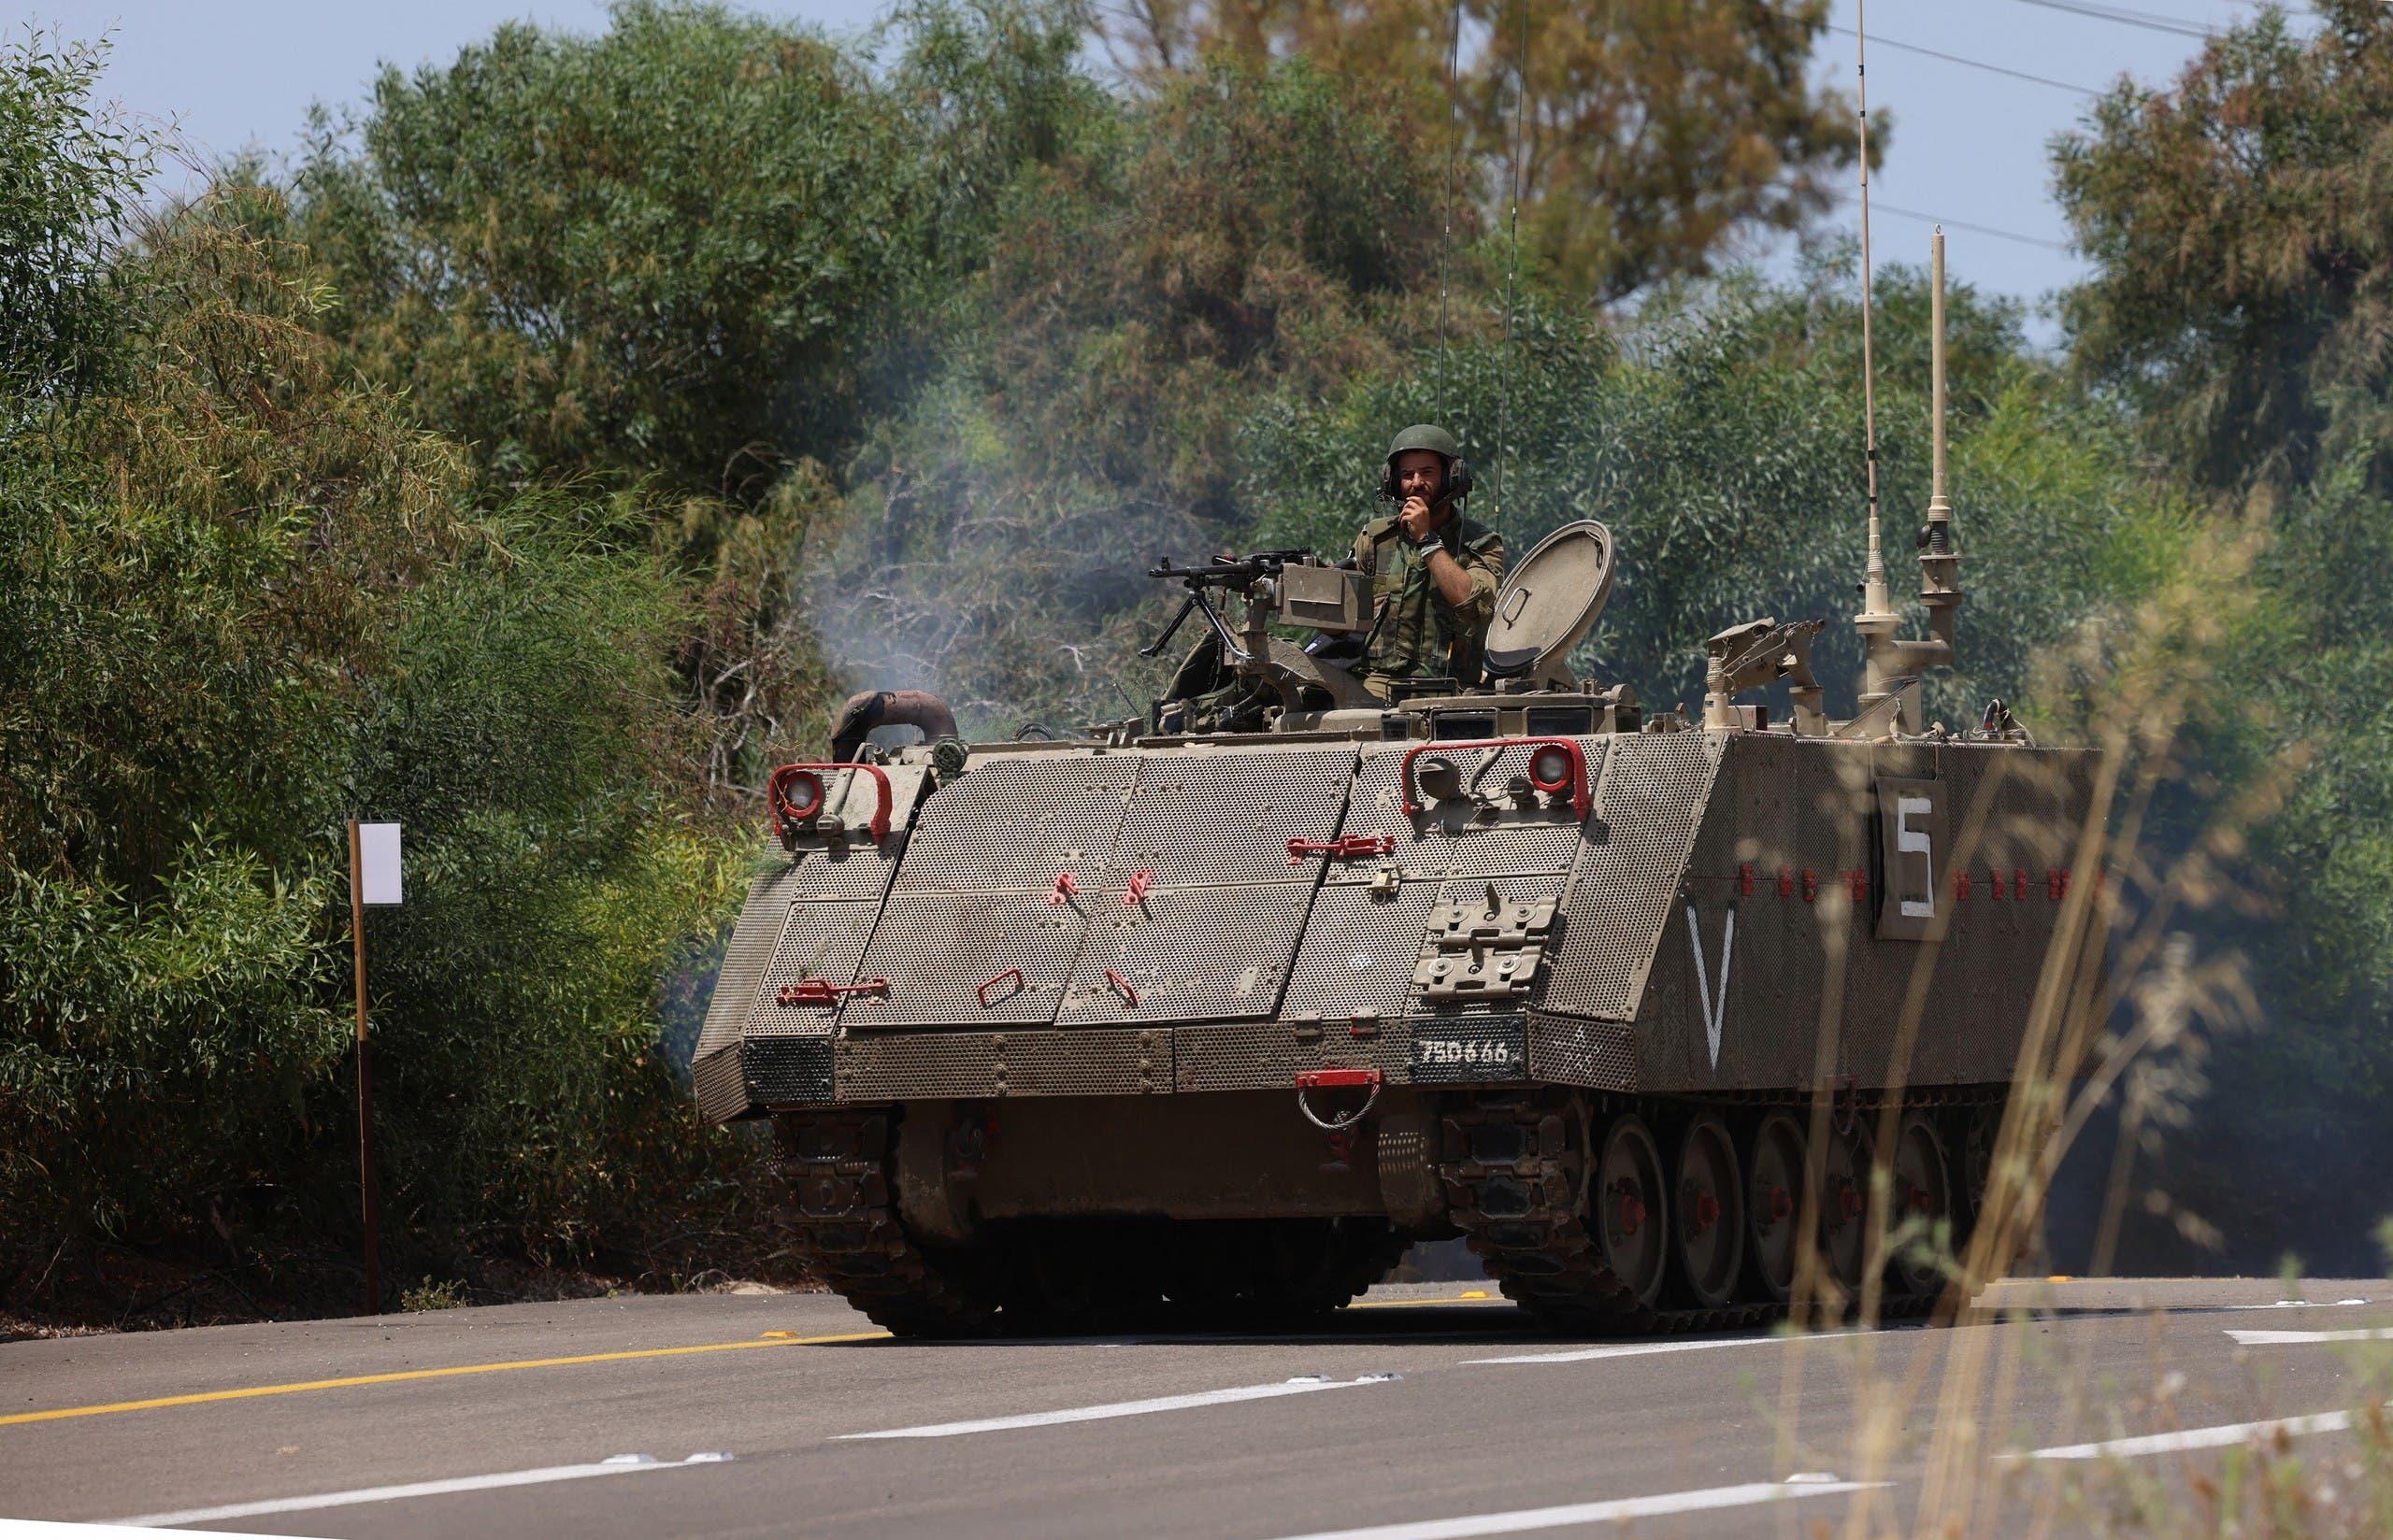 دبابة إسرائيلية قرب معبر حدودي مع قطاع غزة